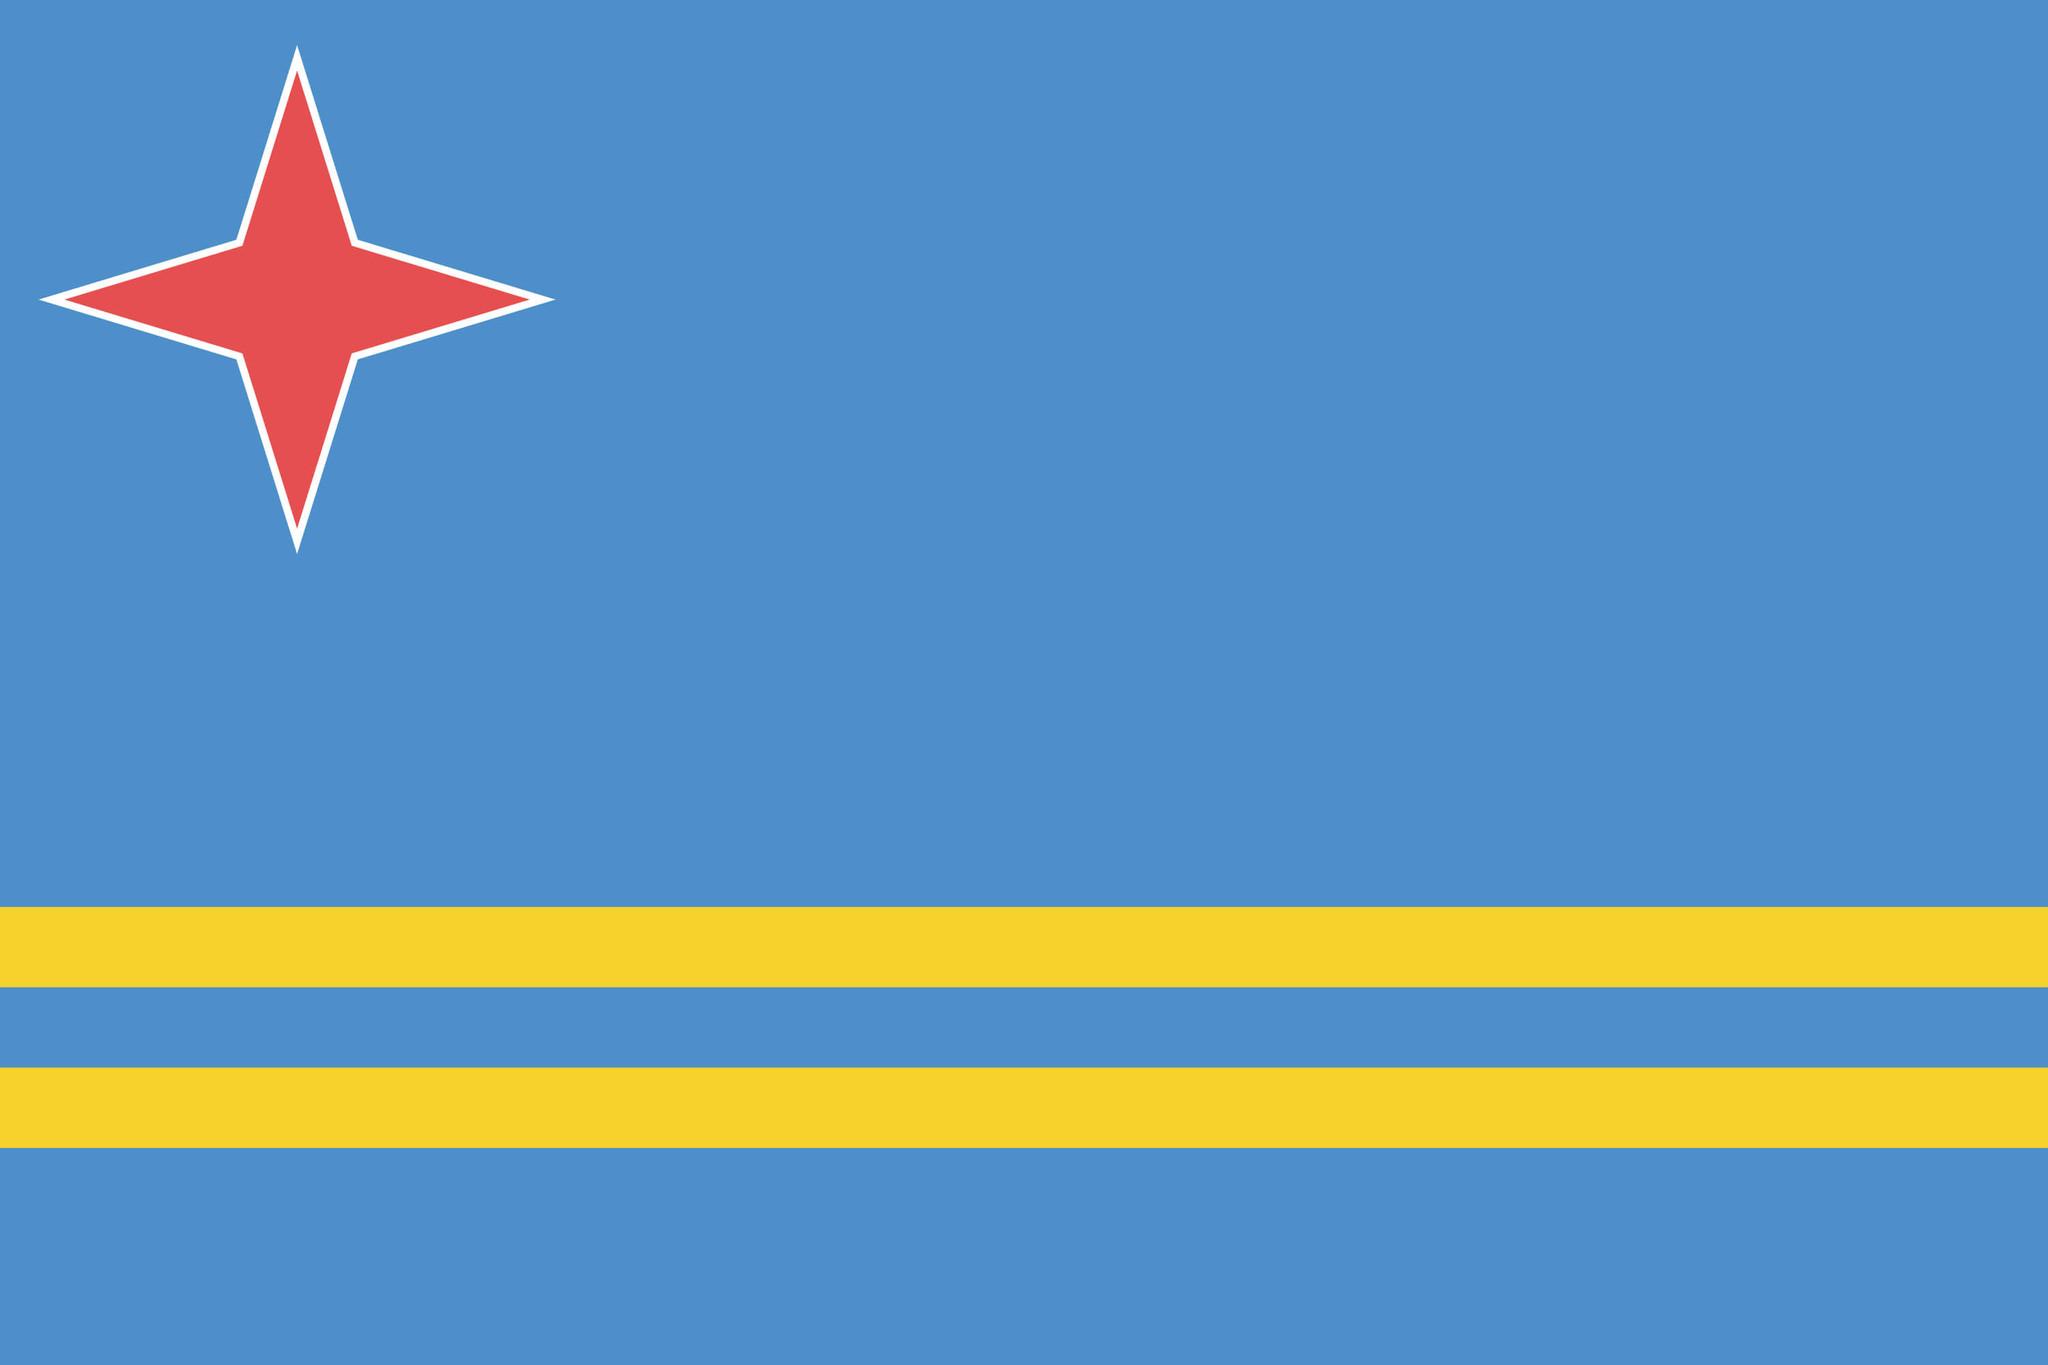 Drapeau de la Aruba